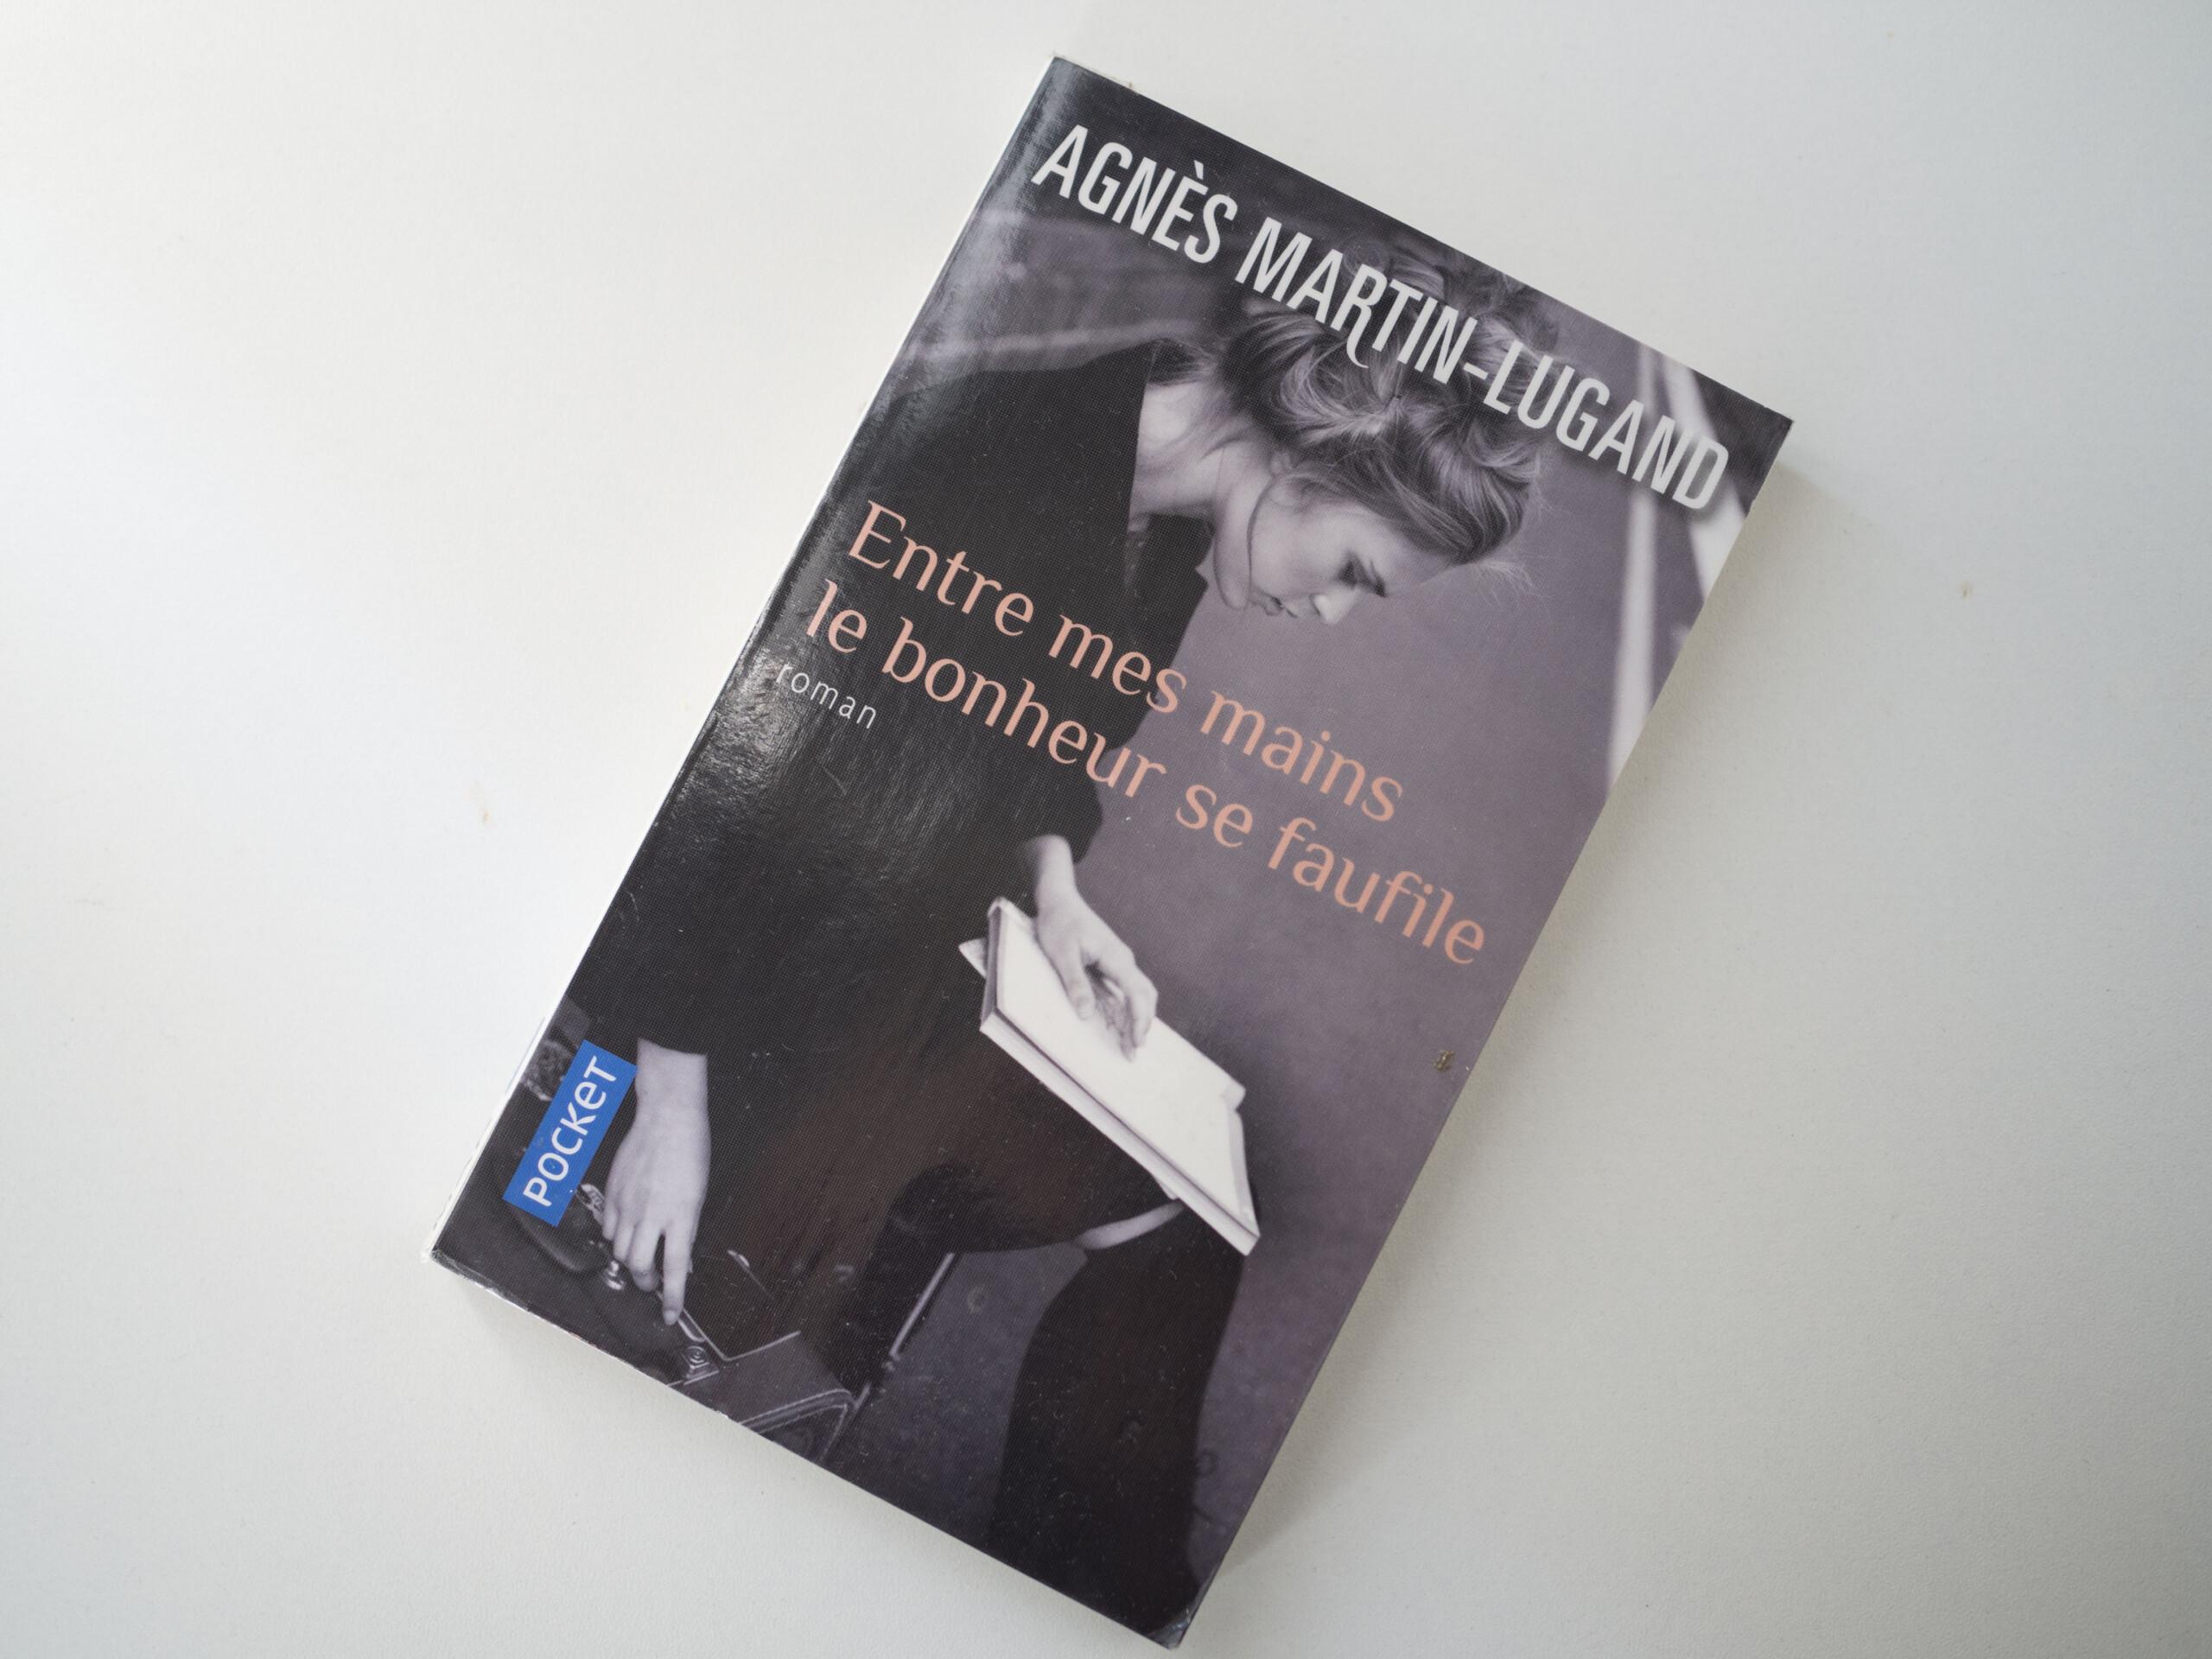 Agnès Martin Lugand avis